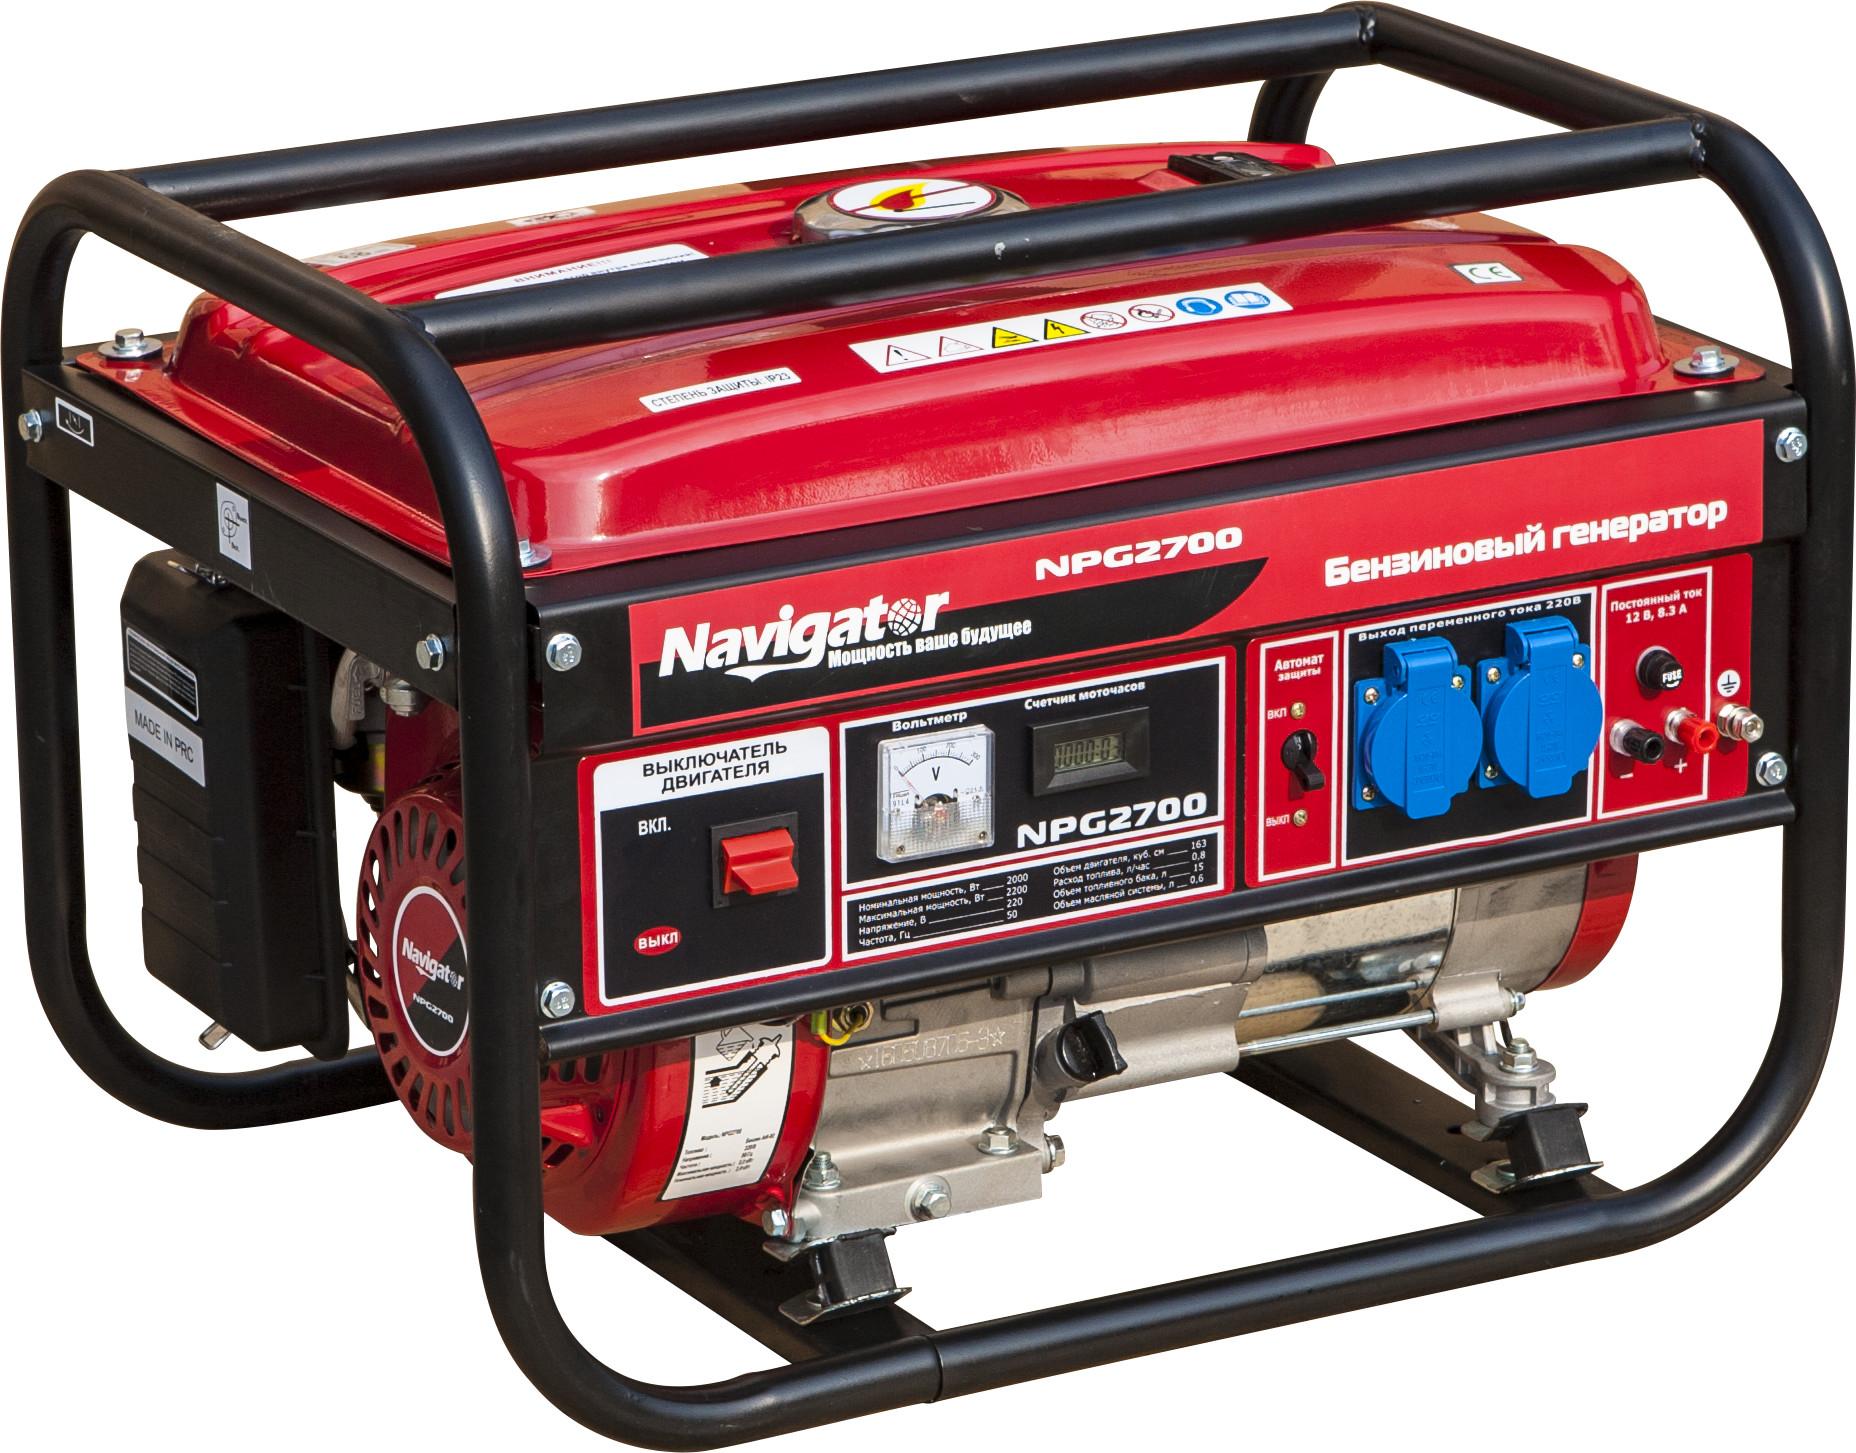 Расход бензиновые генераторы выбрать бензиновый генератор для коттеджа